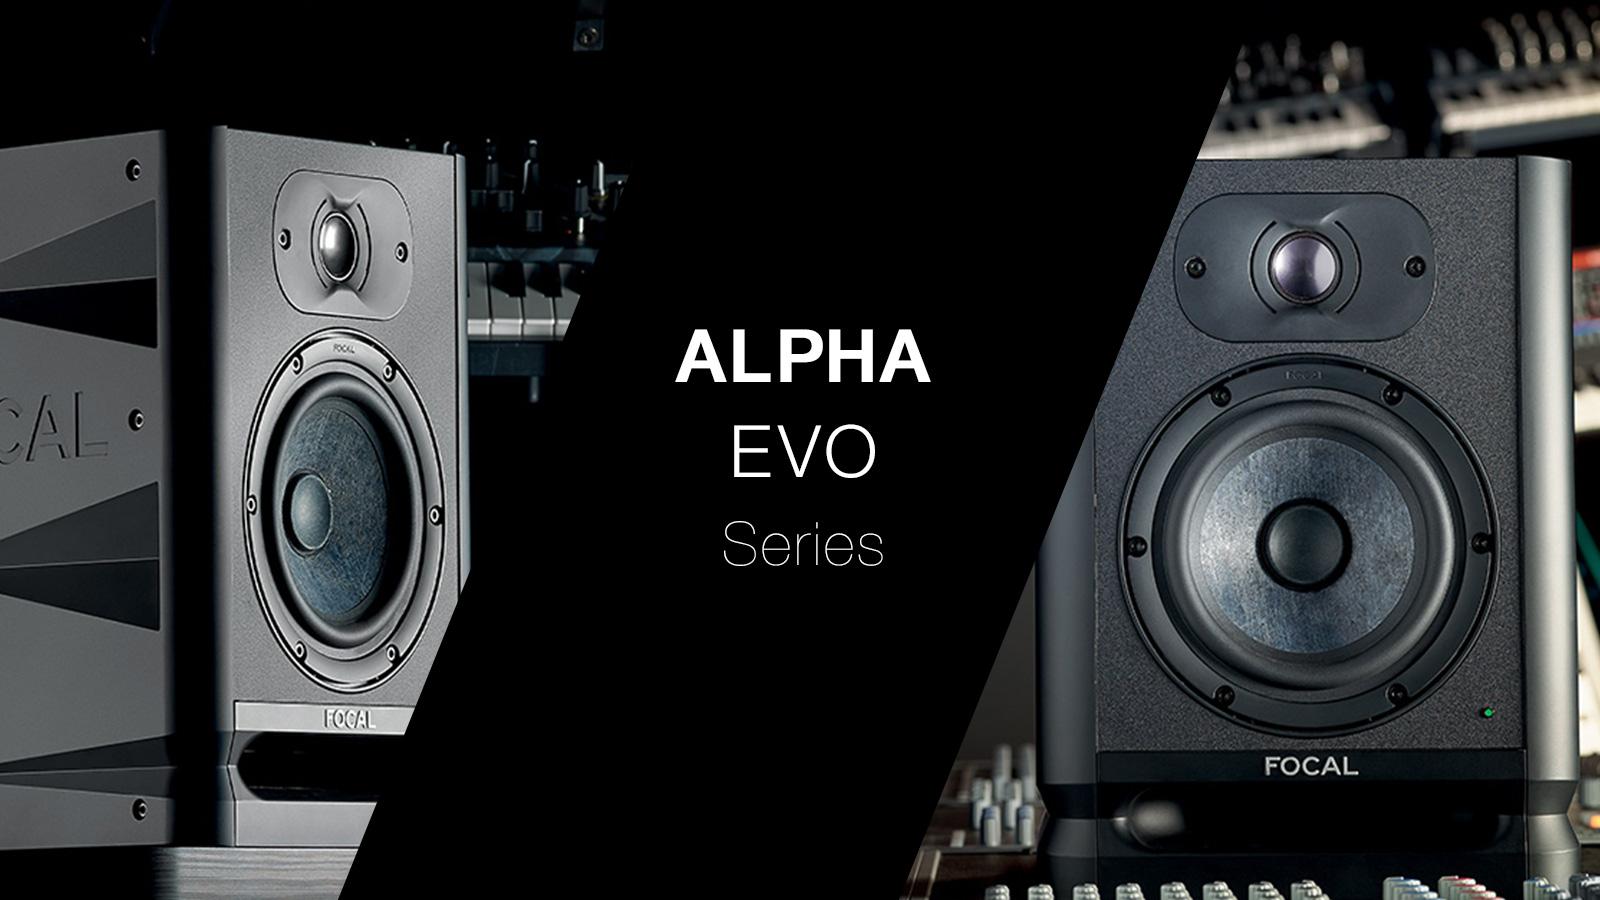 """<h2 class=""""title"""">フランスFocal社より新しくコストパフォーマンスモデルのALPHA EVO シリーズが発表</h2>"""